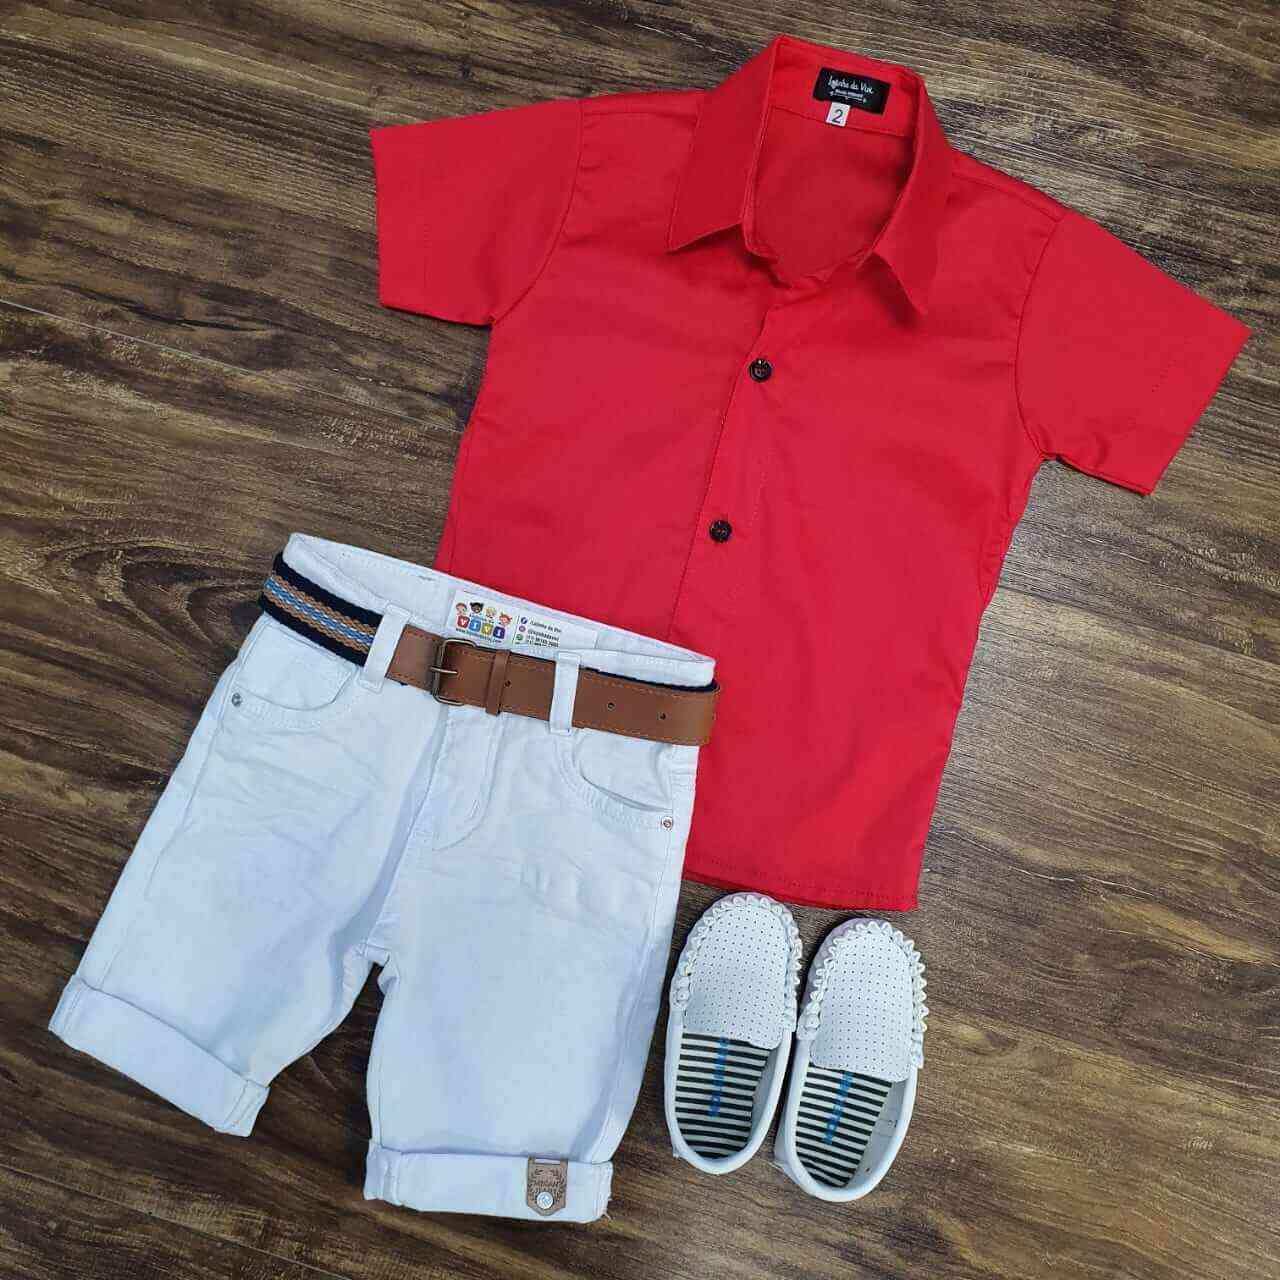 Bermuda Branca com Camisa Vermelha Infantil